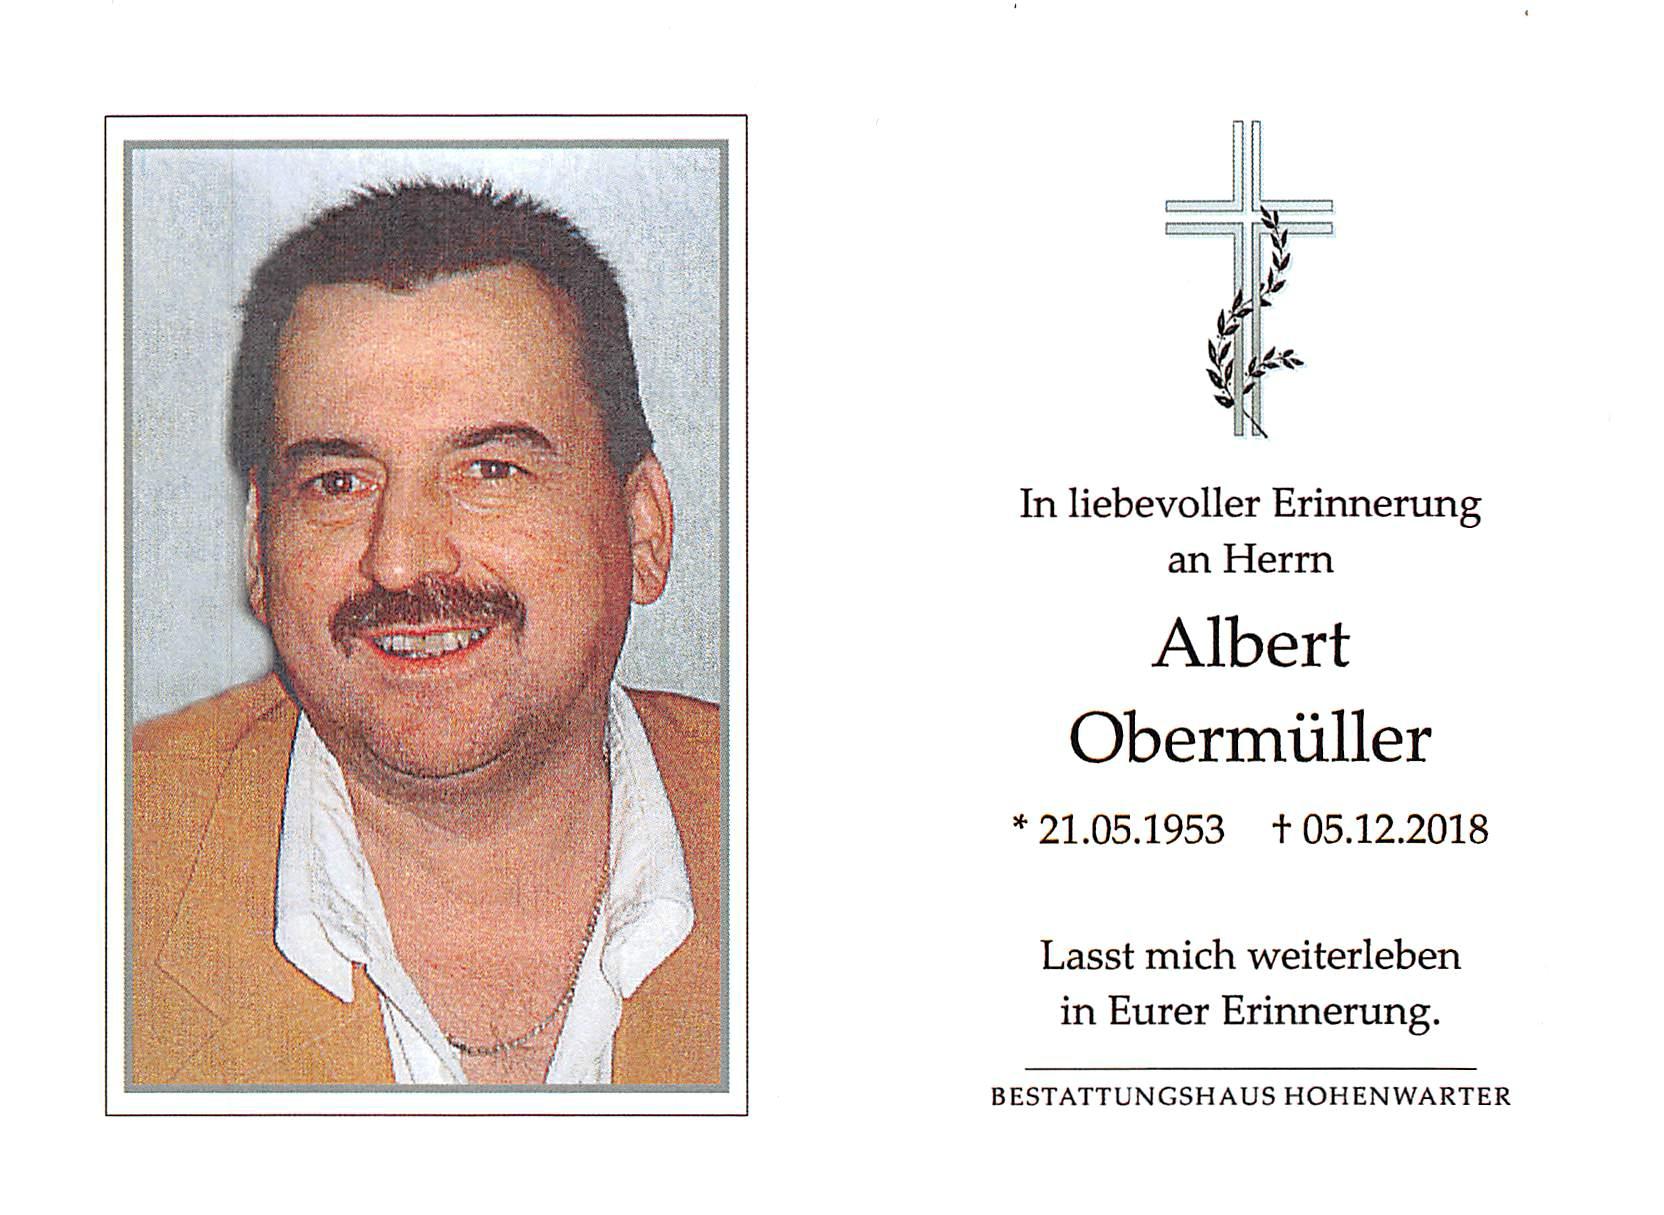 2018-12-05-Obermüller-Albert-Waldkirchen-